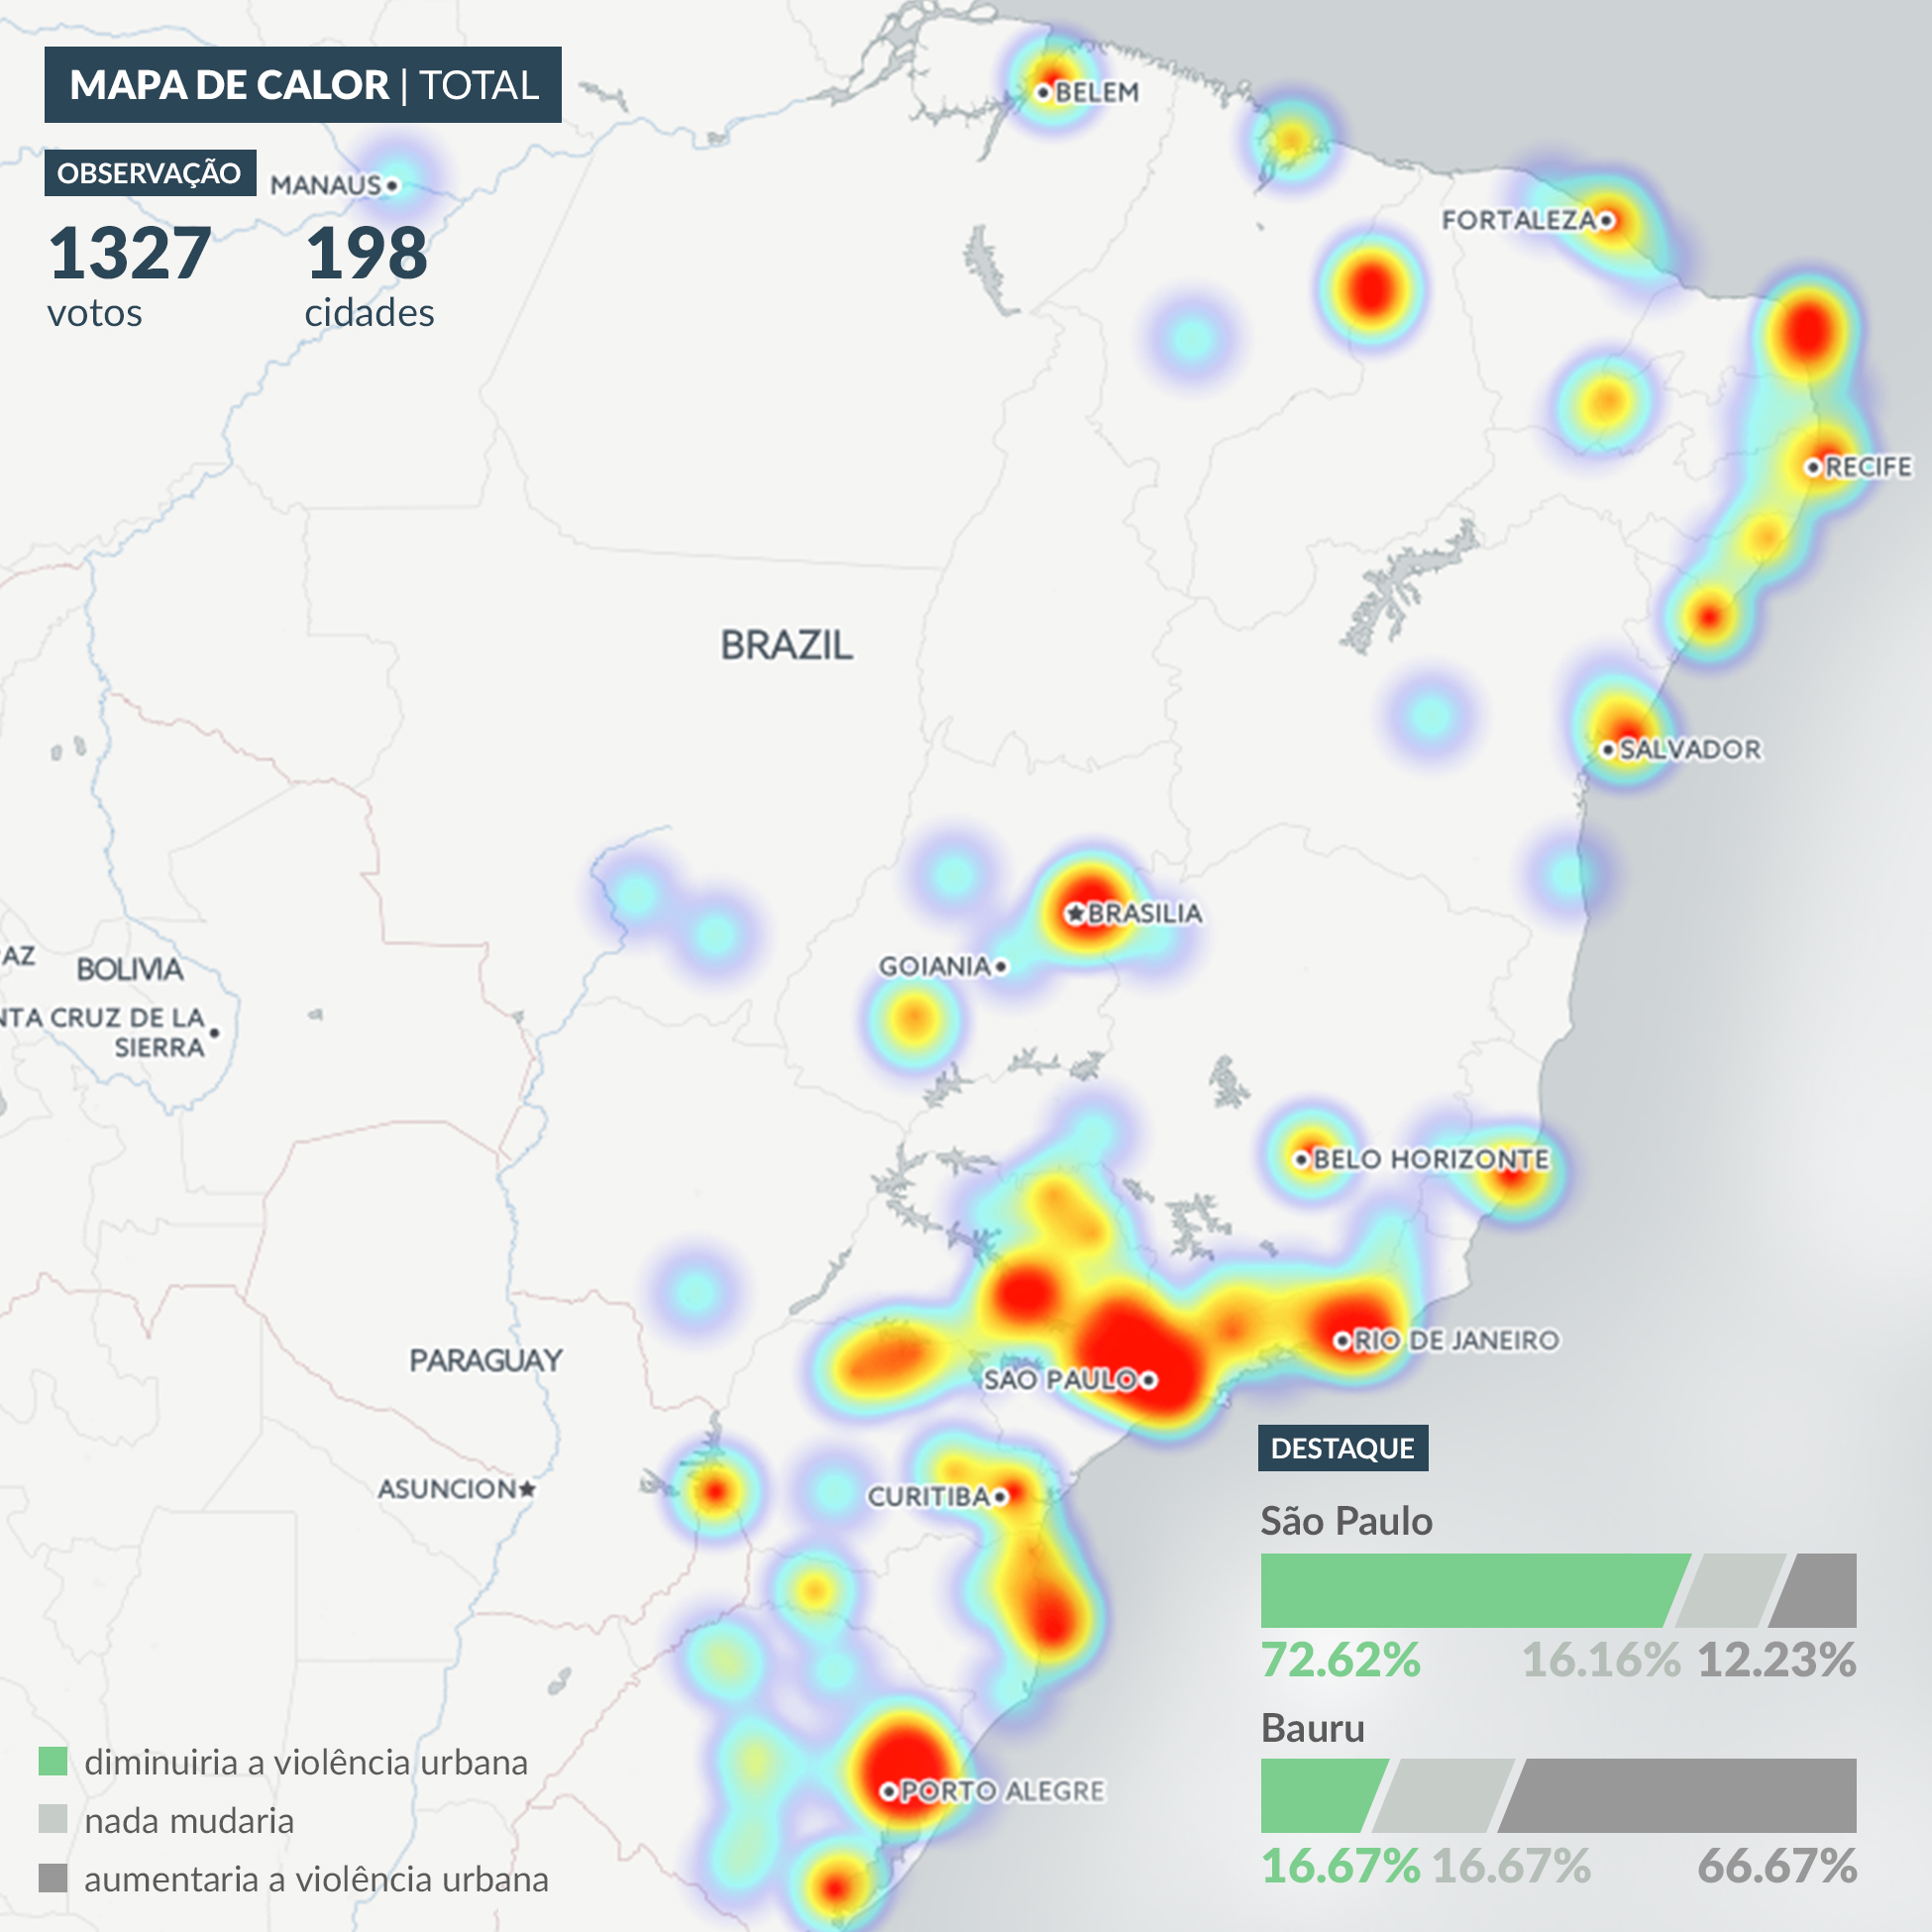 Mapa que mostra de onde os respondentes do  infográfico sobre a regulamentação da maconha são